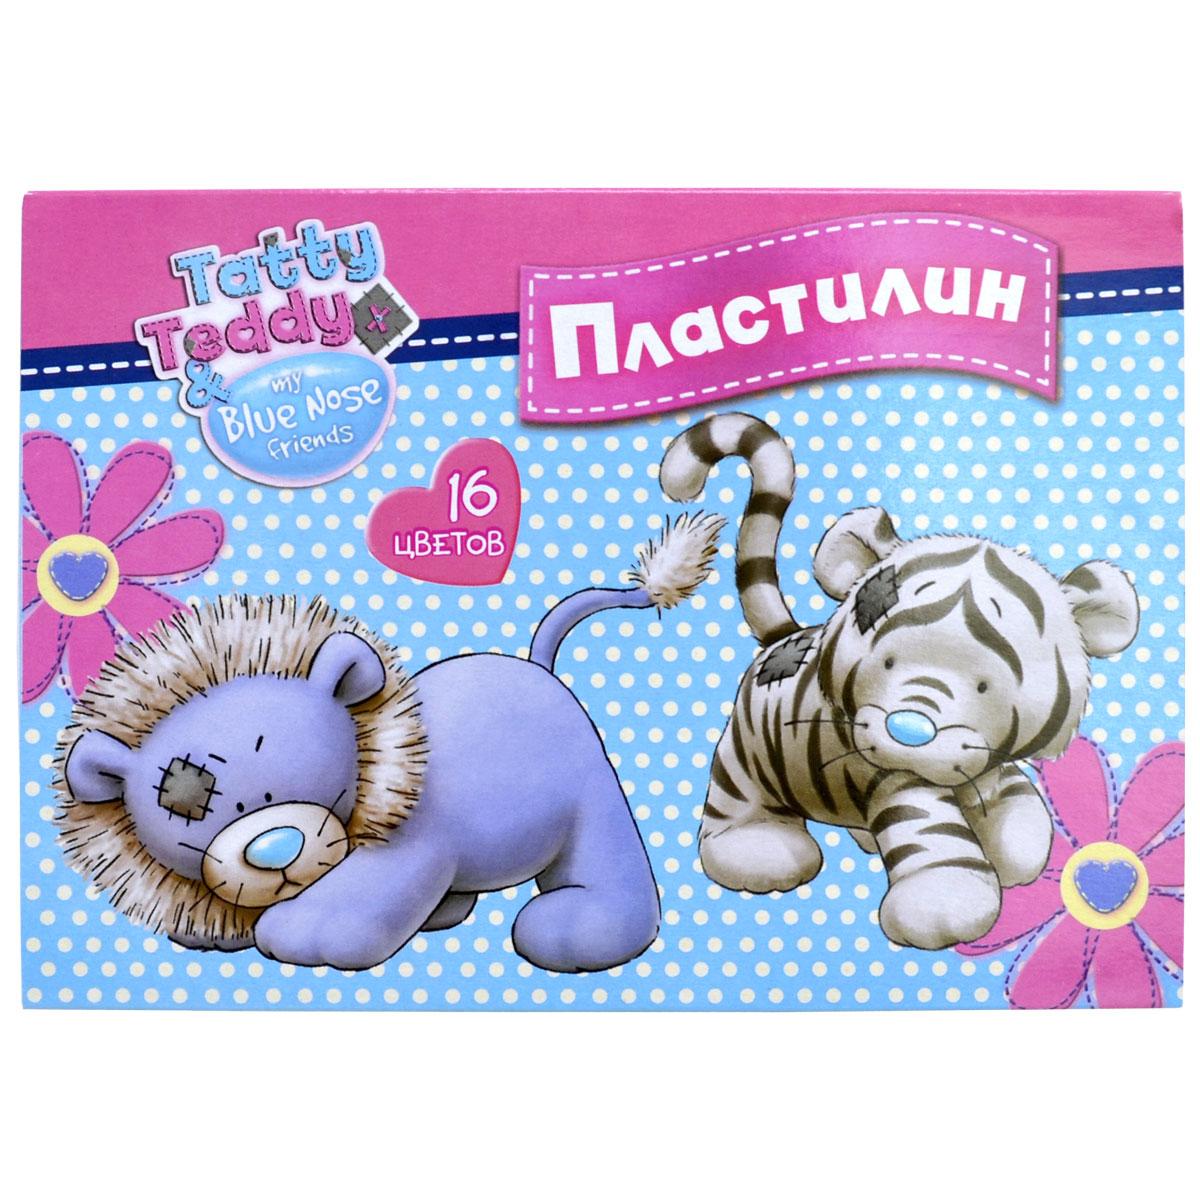 Action! Пластилин Tatty Teddy 16 цветов00-00007321Набор пластилина Action! Tatty Teddy поможет вашему малышу создавать не только прекрасные поделки, но и рисунки. Пластилин обладает особой мягкостью и пластичностью: легко разминается и моделируется детскими пальчиками, не пачкается, не прилипает к рукам и рабочей поверхности, не крошится, не высыхает и хорошо держит форму. Смешивайте цвета, экспериментируйте и развивайте малютку: лепка активно тренирует у ребенка мелкую моторику и умение работать пальчиками, развивает тактильное восприятие формы, веса и фактуры, совершенствует воображение и пространственное мышление.